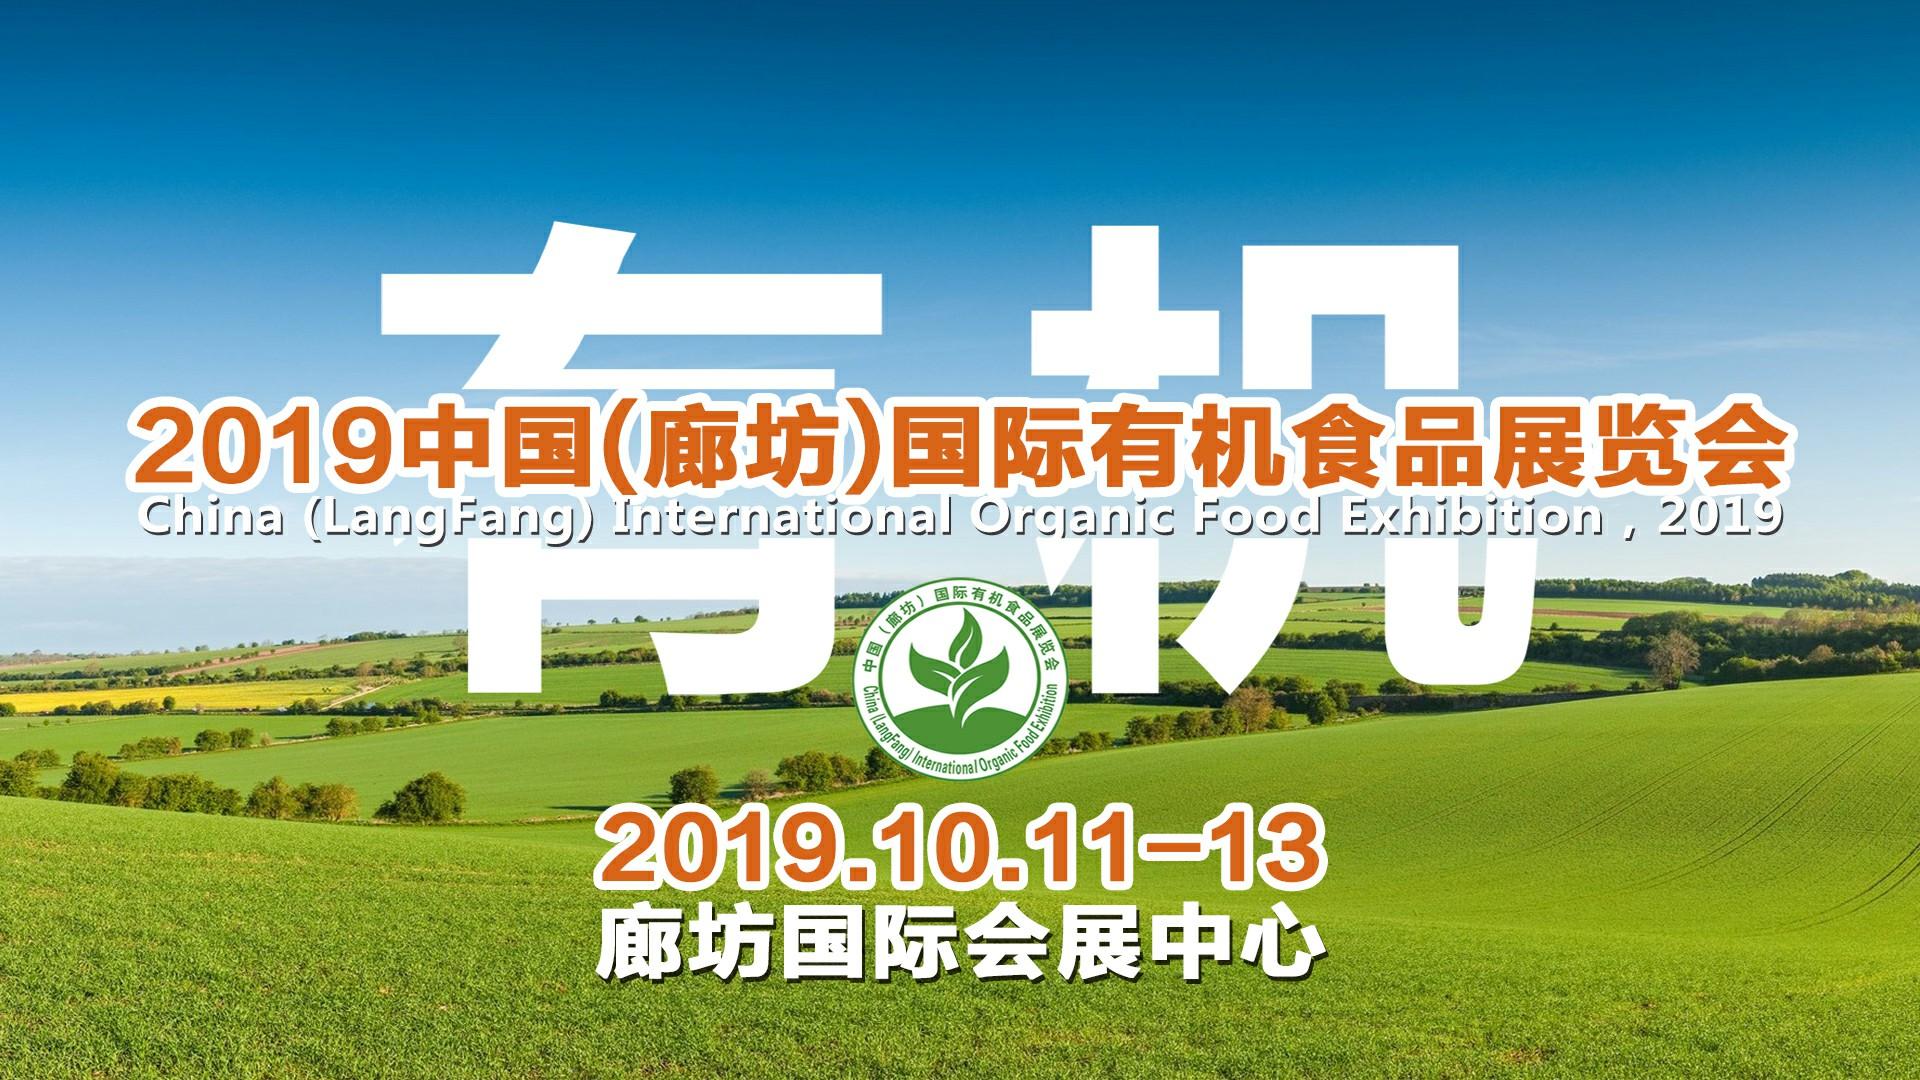 2019中國(廊坊)國際有機食品展覽會